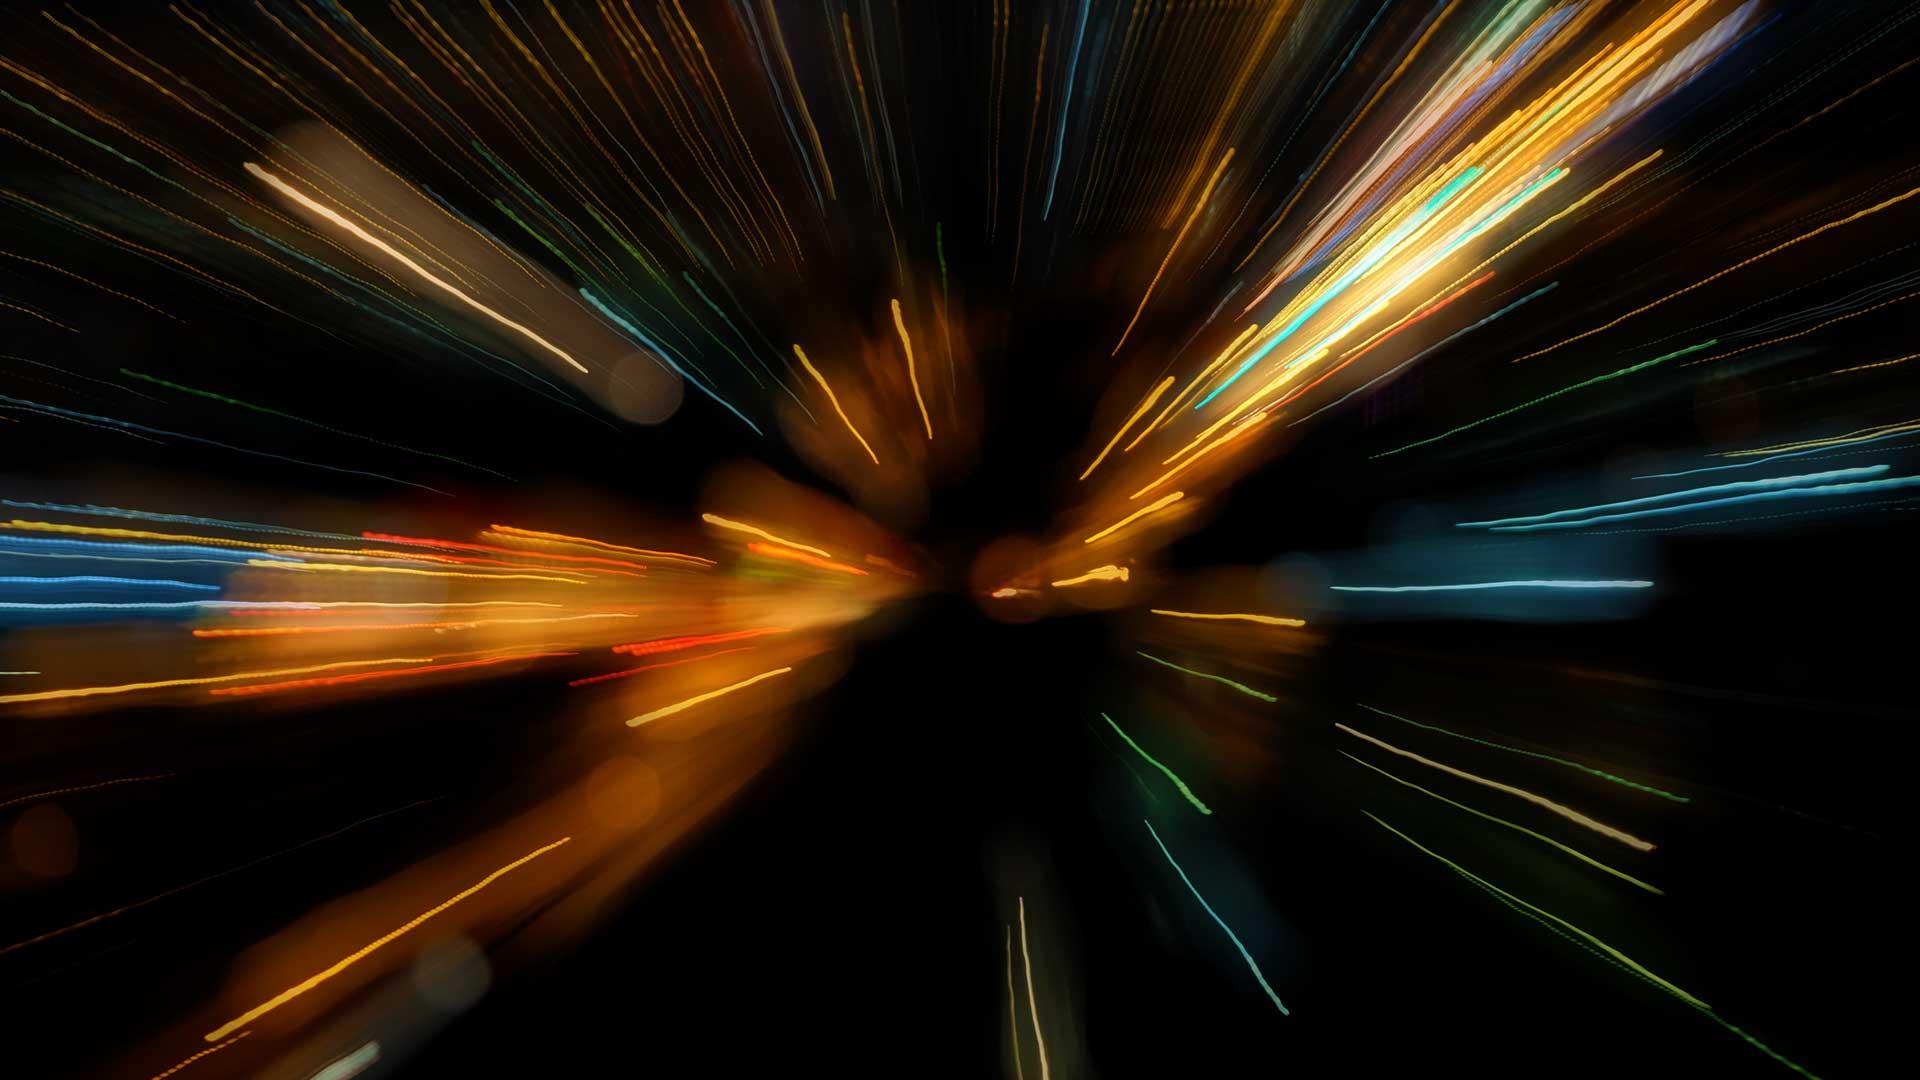 light-abstract-soaring-night-speed-center_shutterstock ...